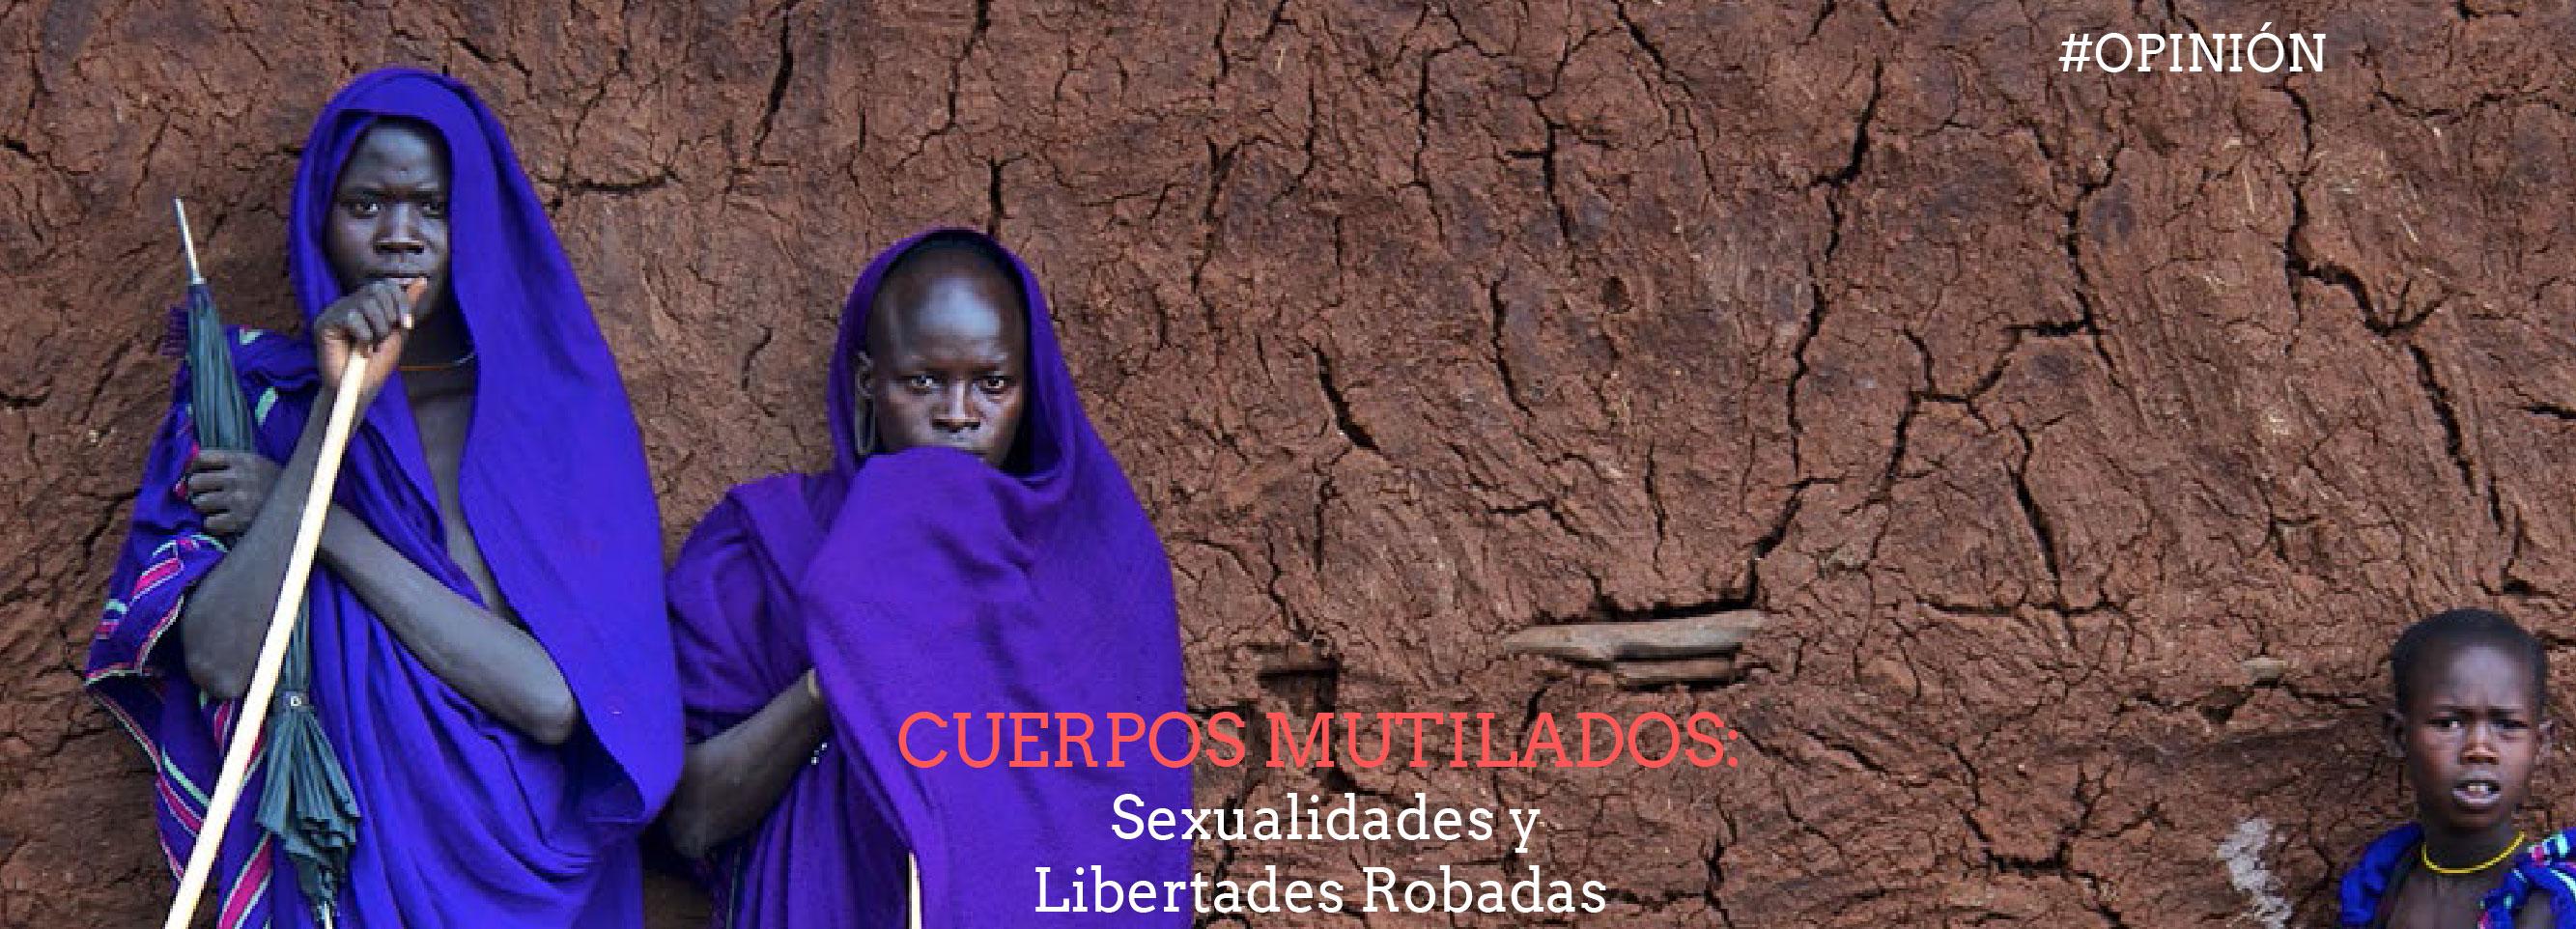 Cuerpos Mutilados: Sexualidades y Libertades Robadas